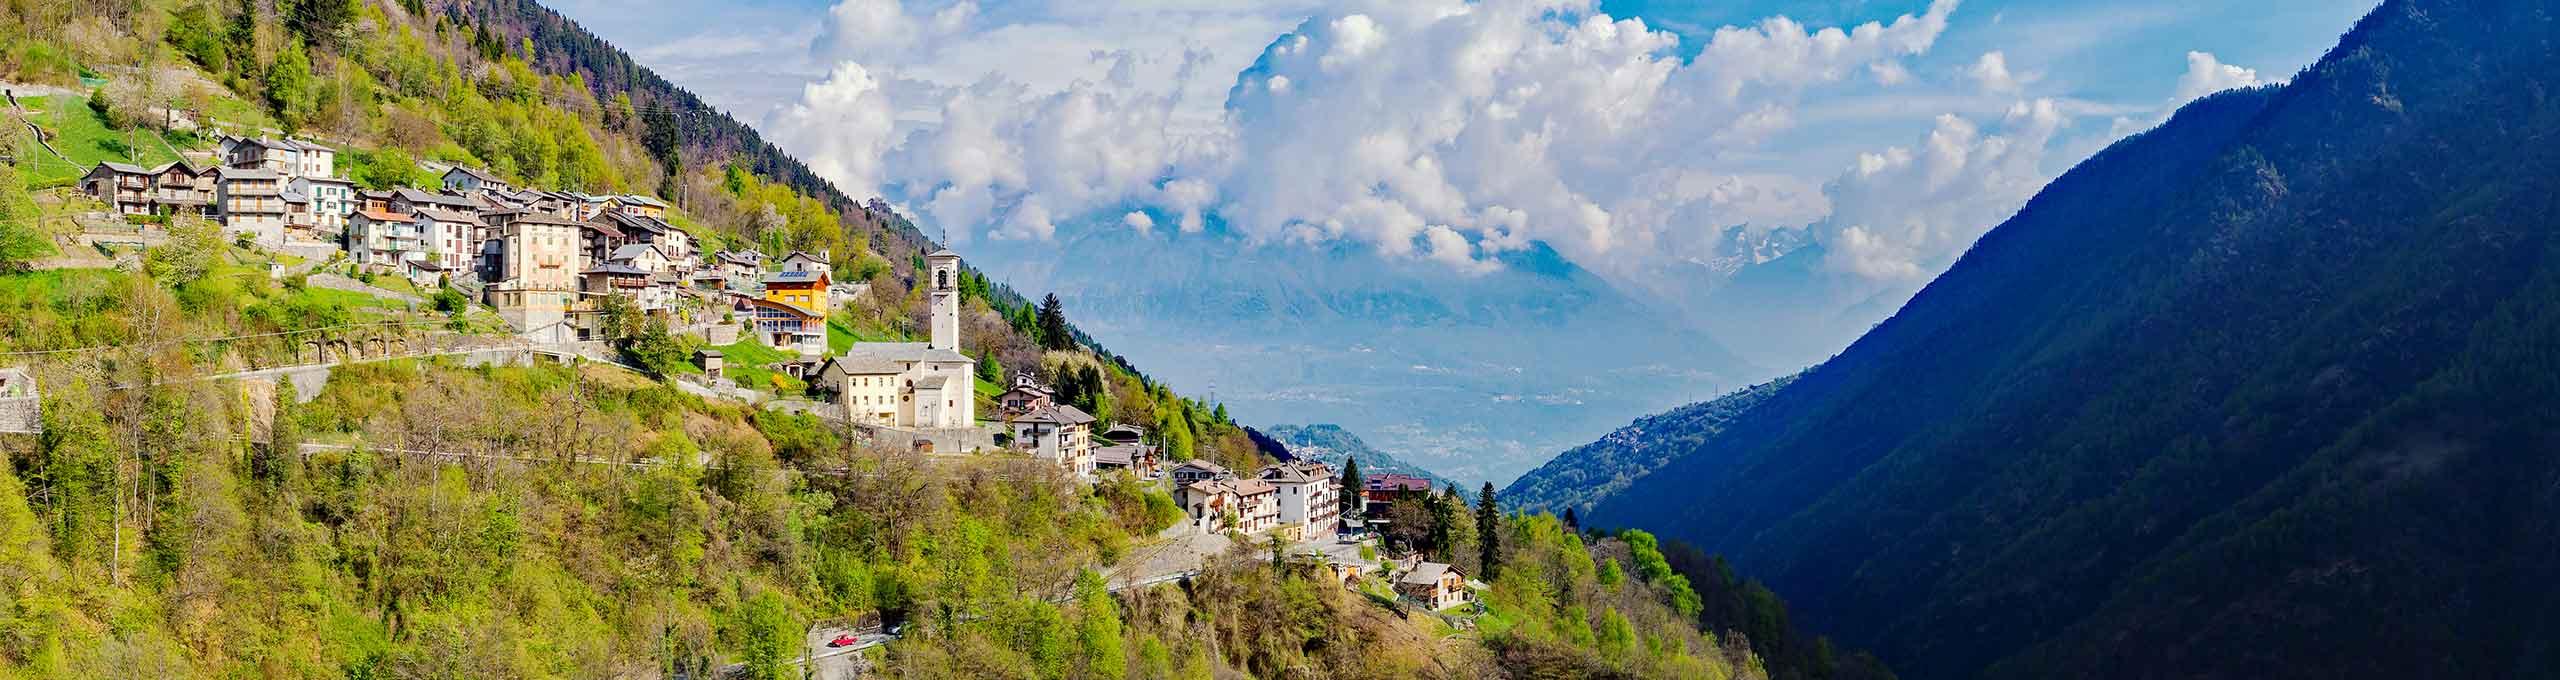 Pedesina, Valtellina